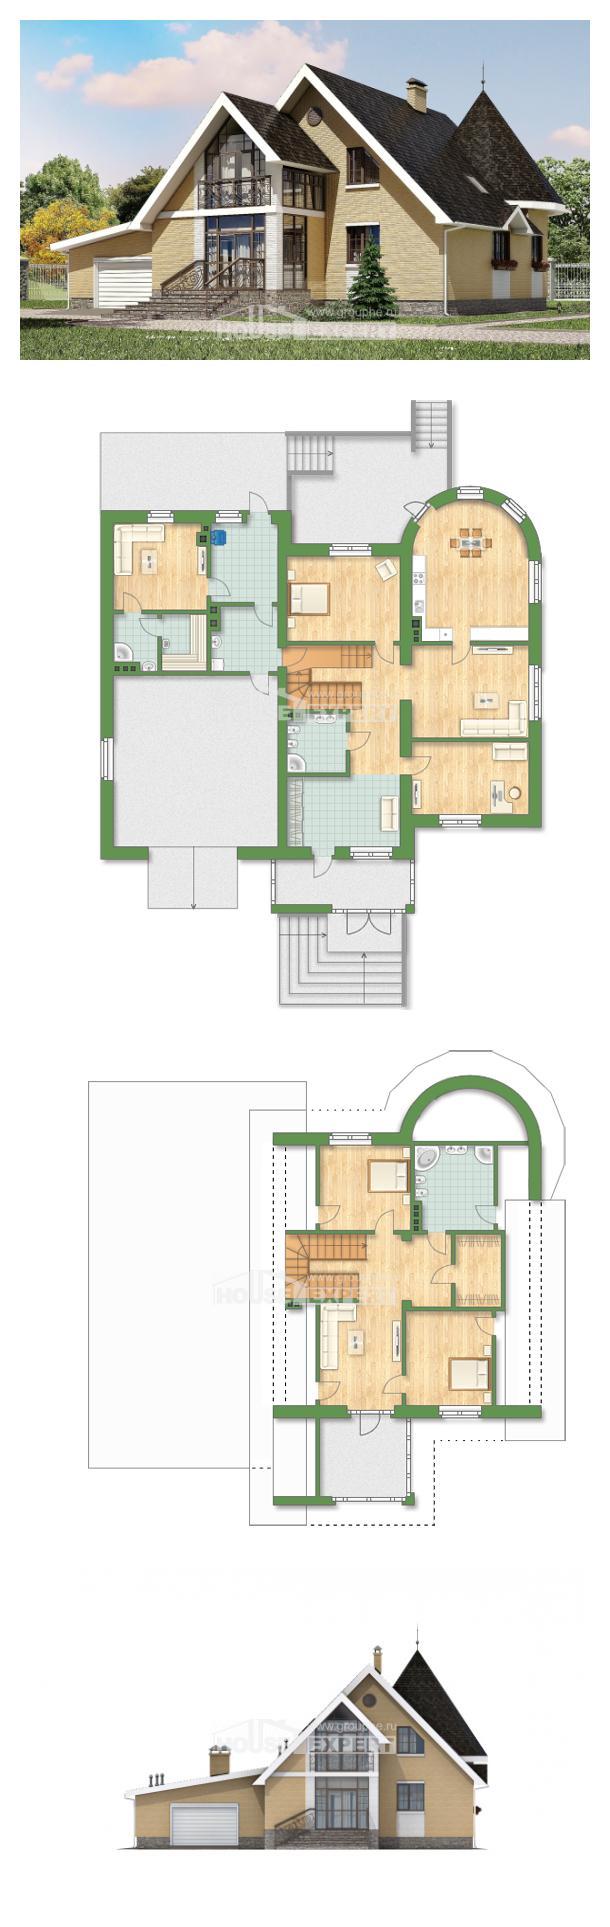 Plan 250-001-L   House Expert